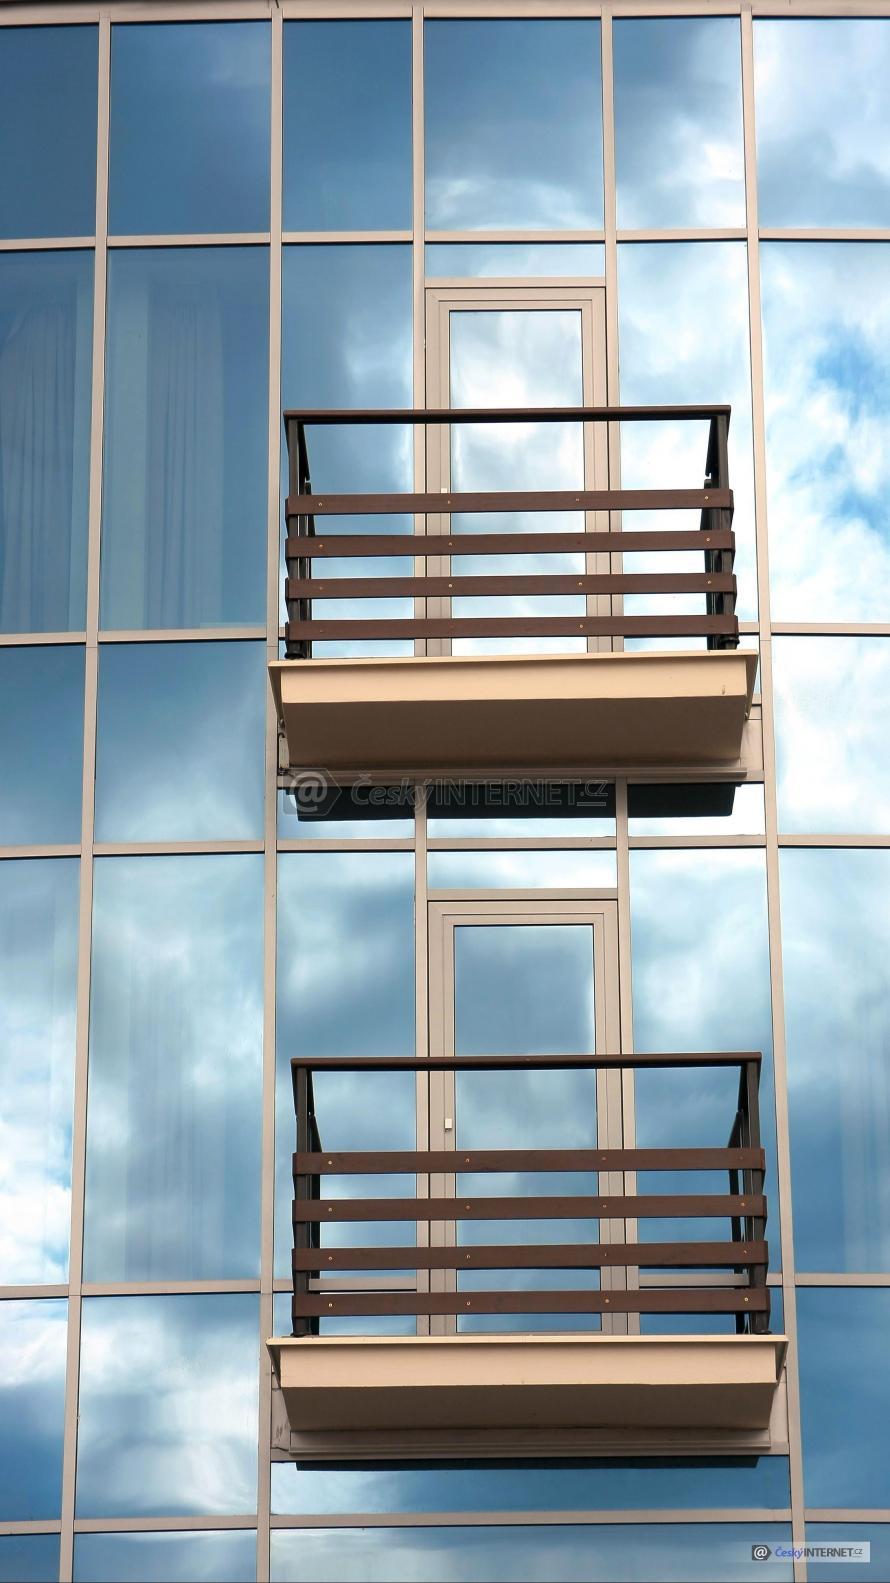 Moderní architektura, prosklené stěny a balkóny.